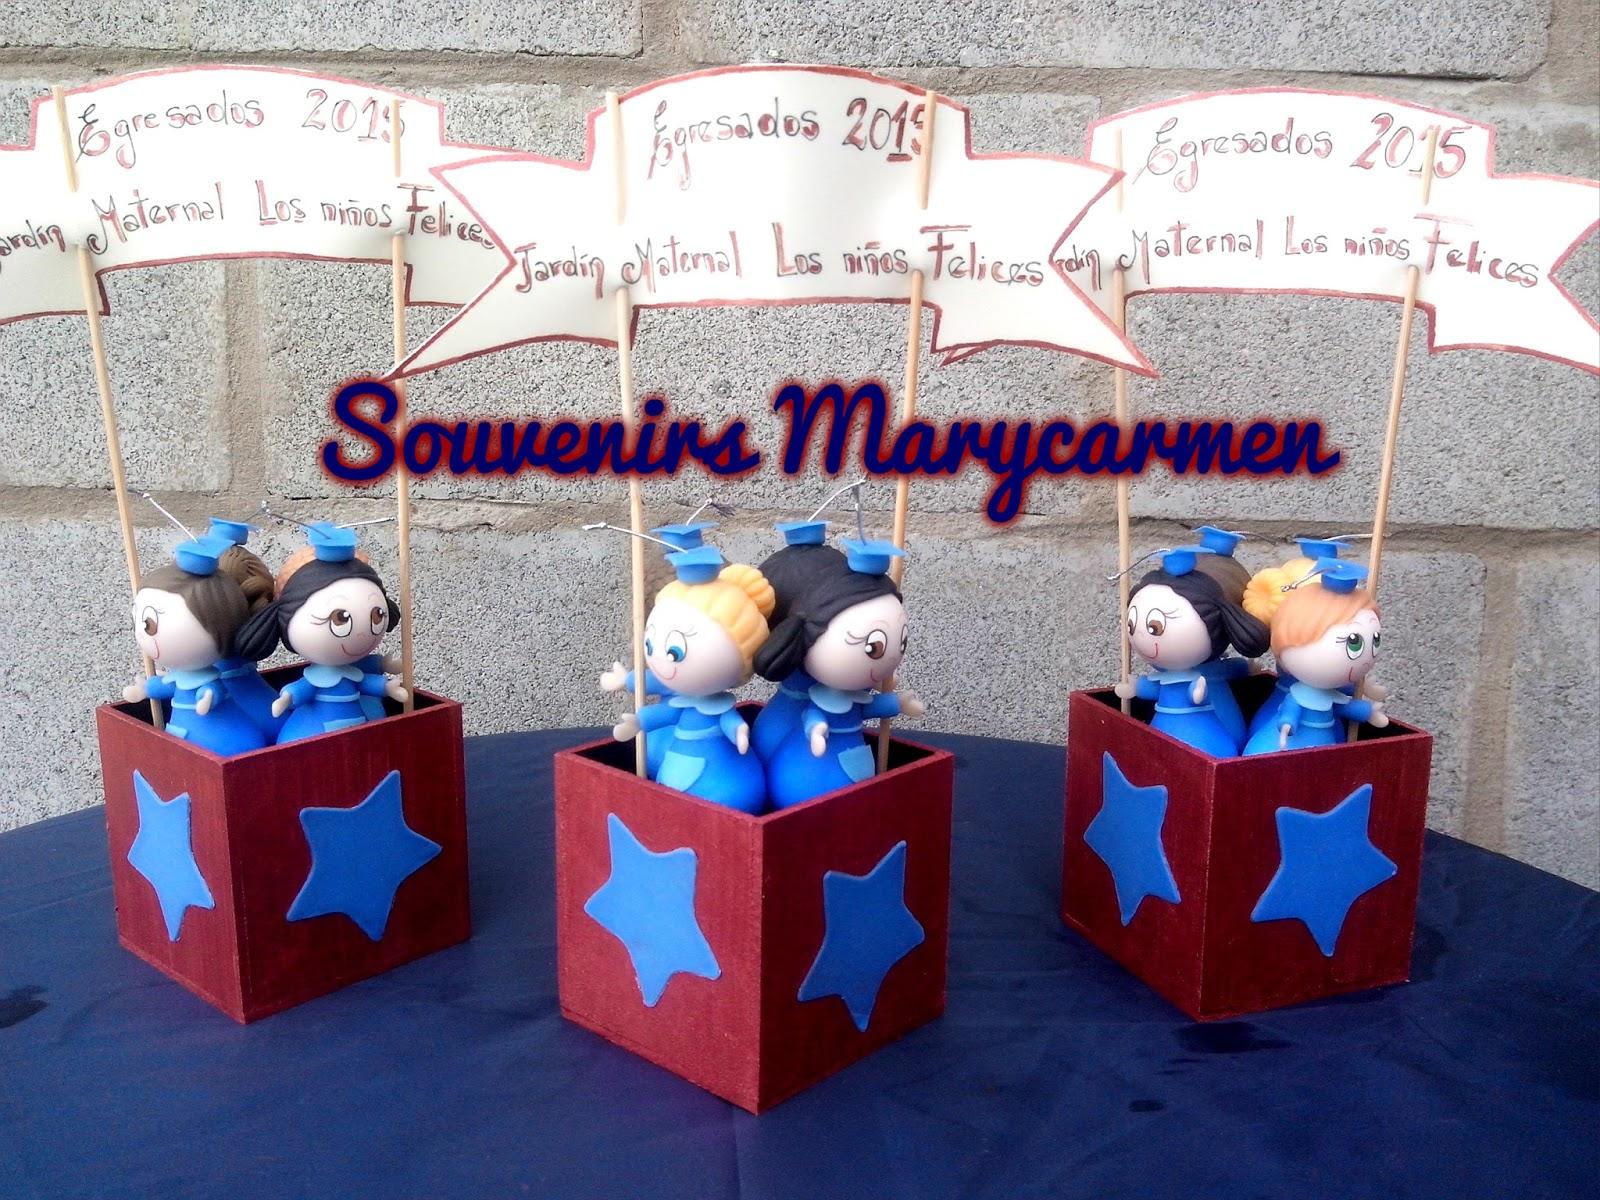 Souvenirs egresados jardin maternal los ni os felices 2015 for Jardin maternal unsl 2015